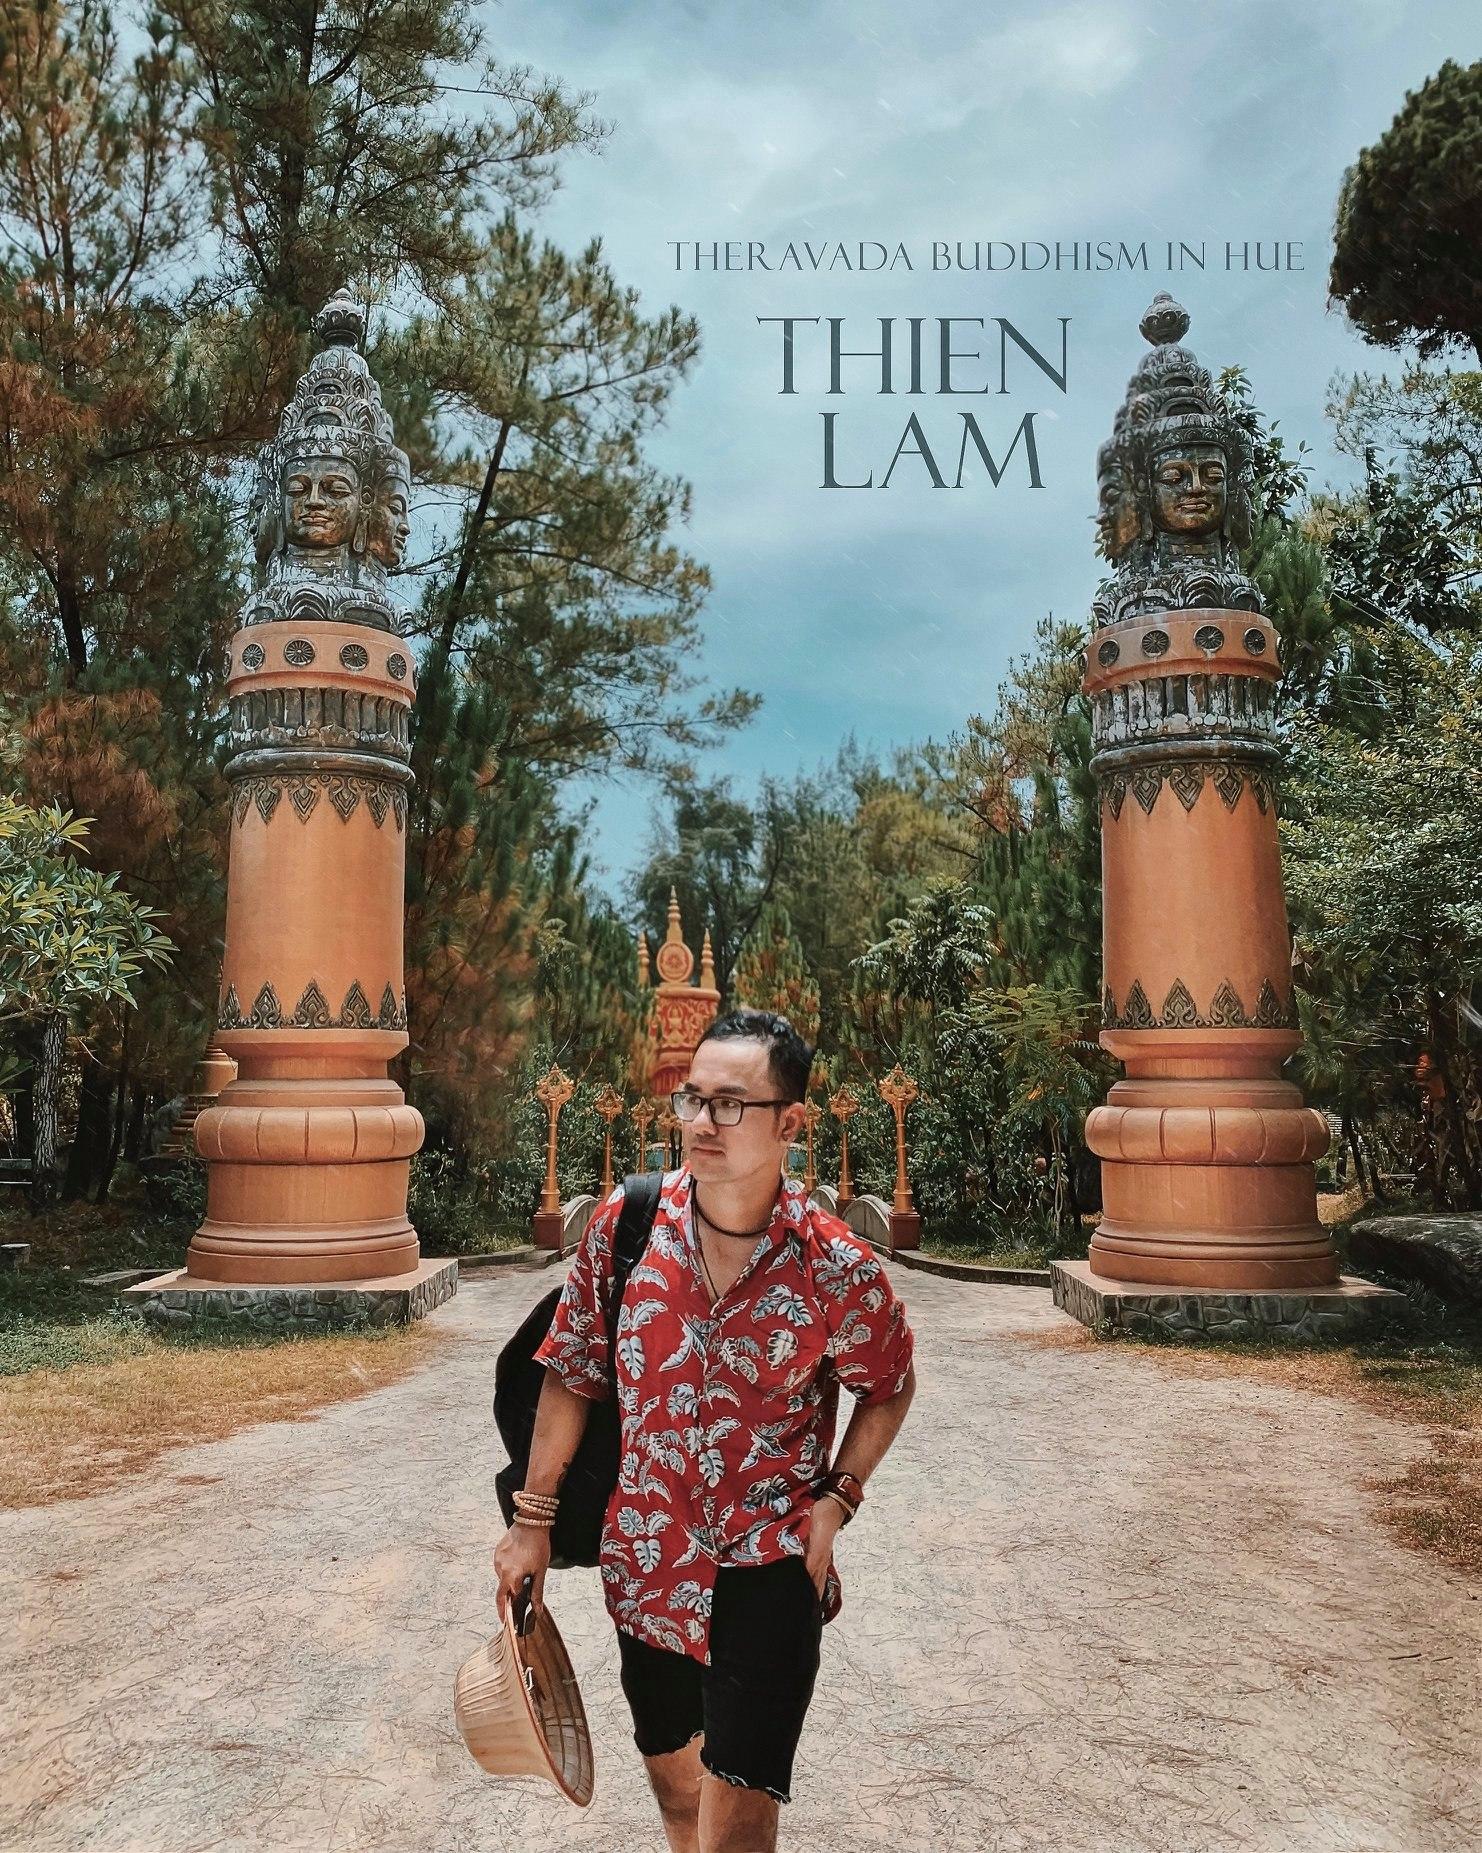 Chùa Thiền Lâm. Hình: Cường Quốc Phạm